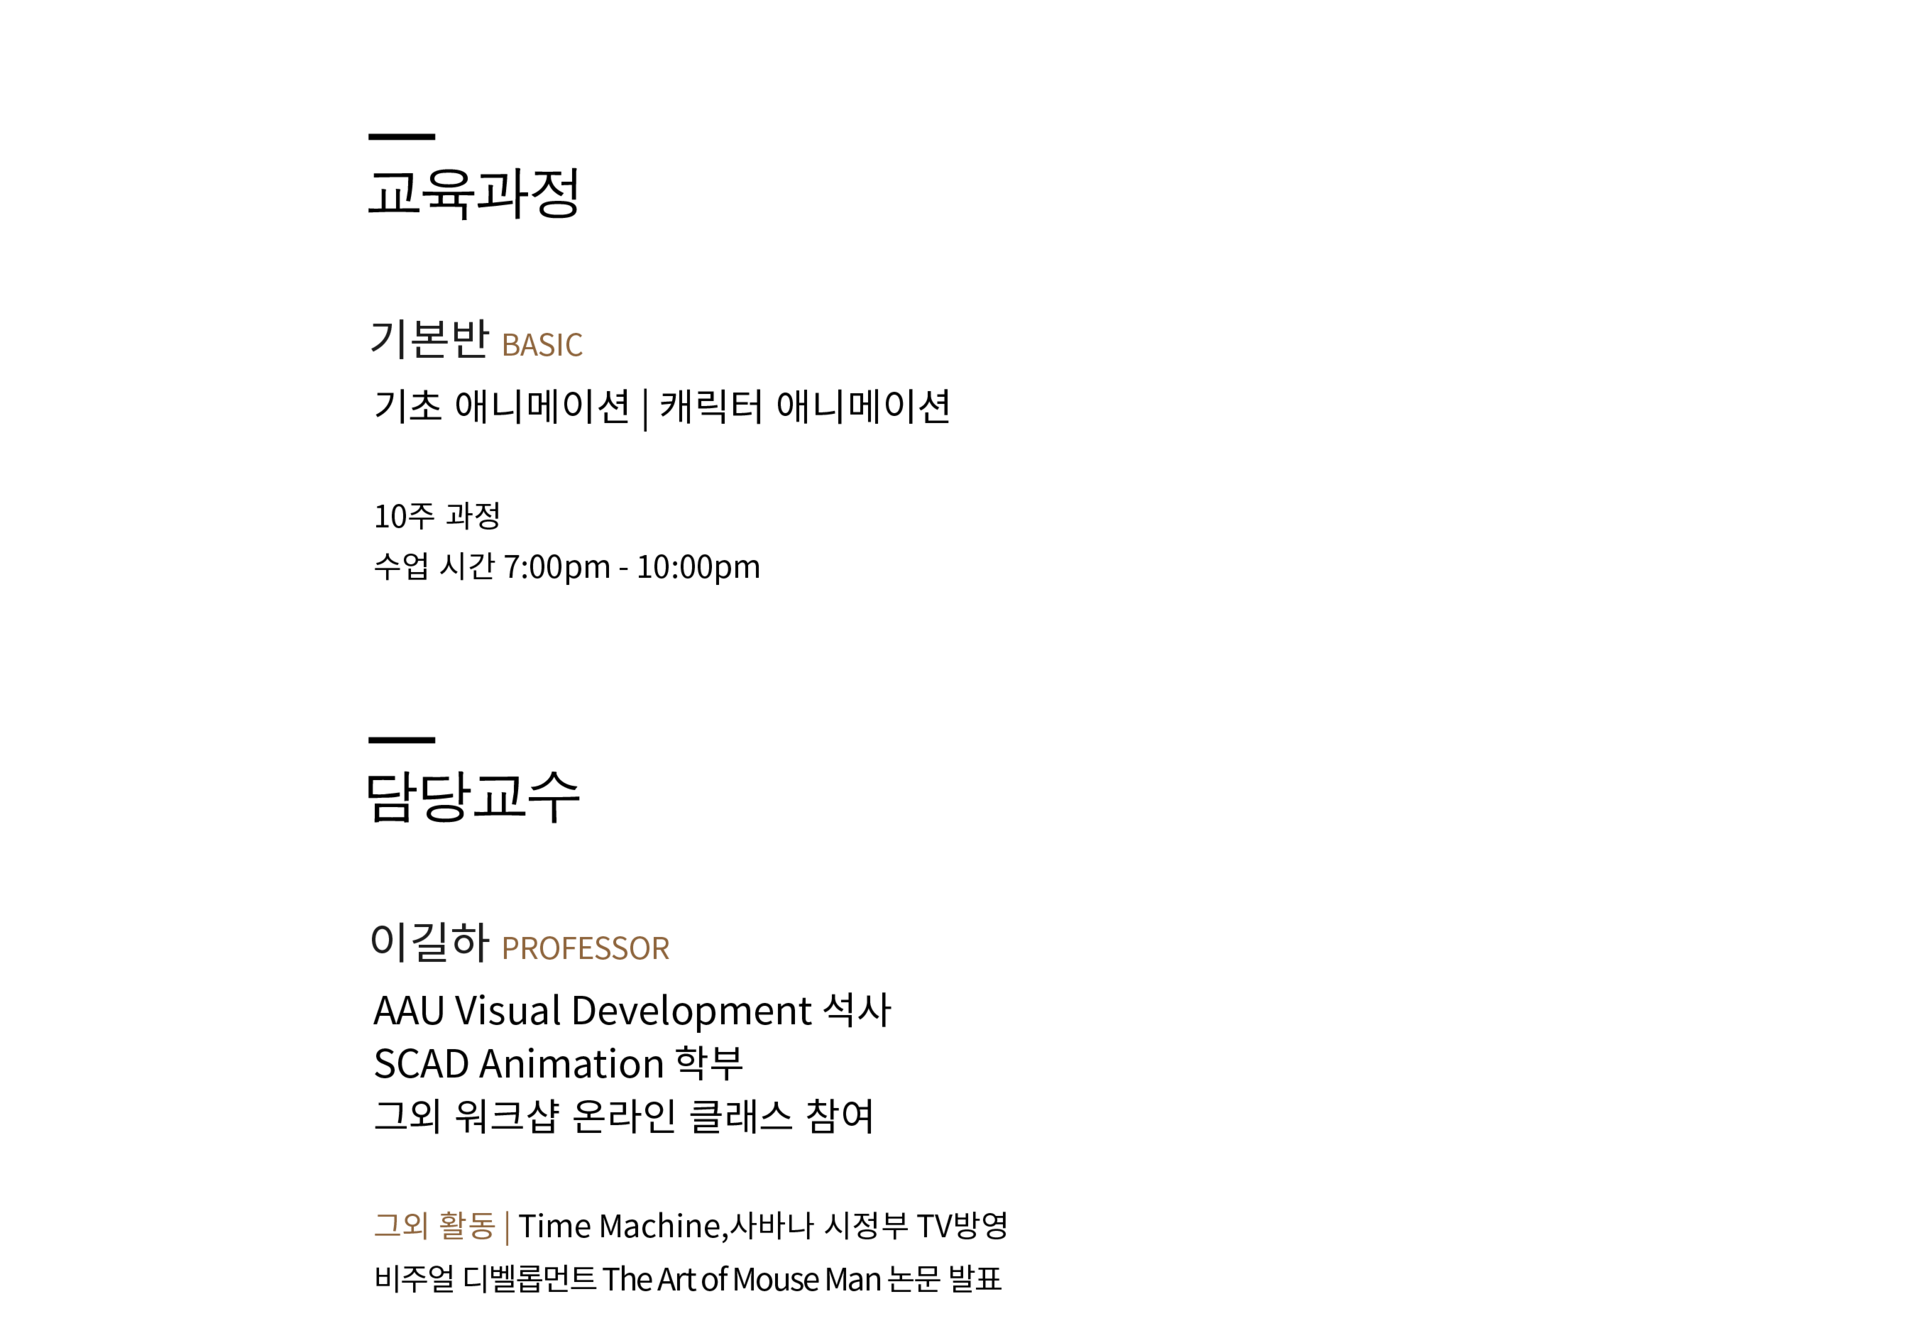 쏘아애니메이션반수강생모집2019기본반